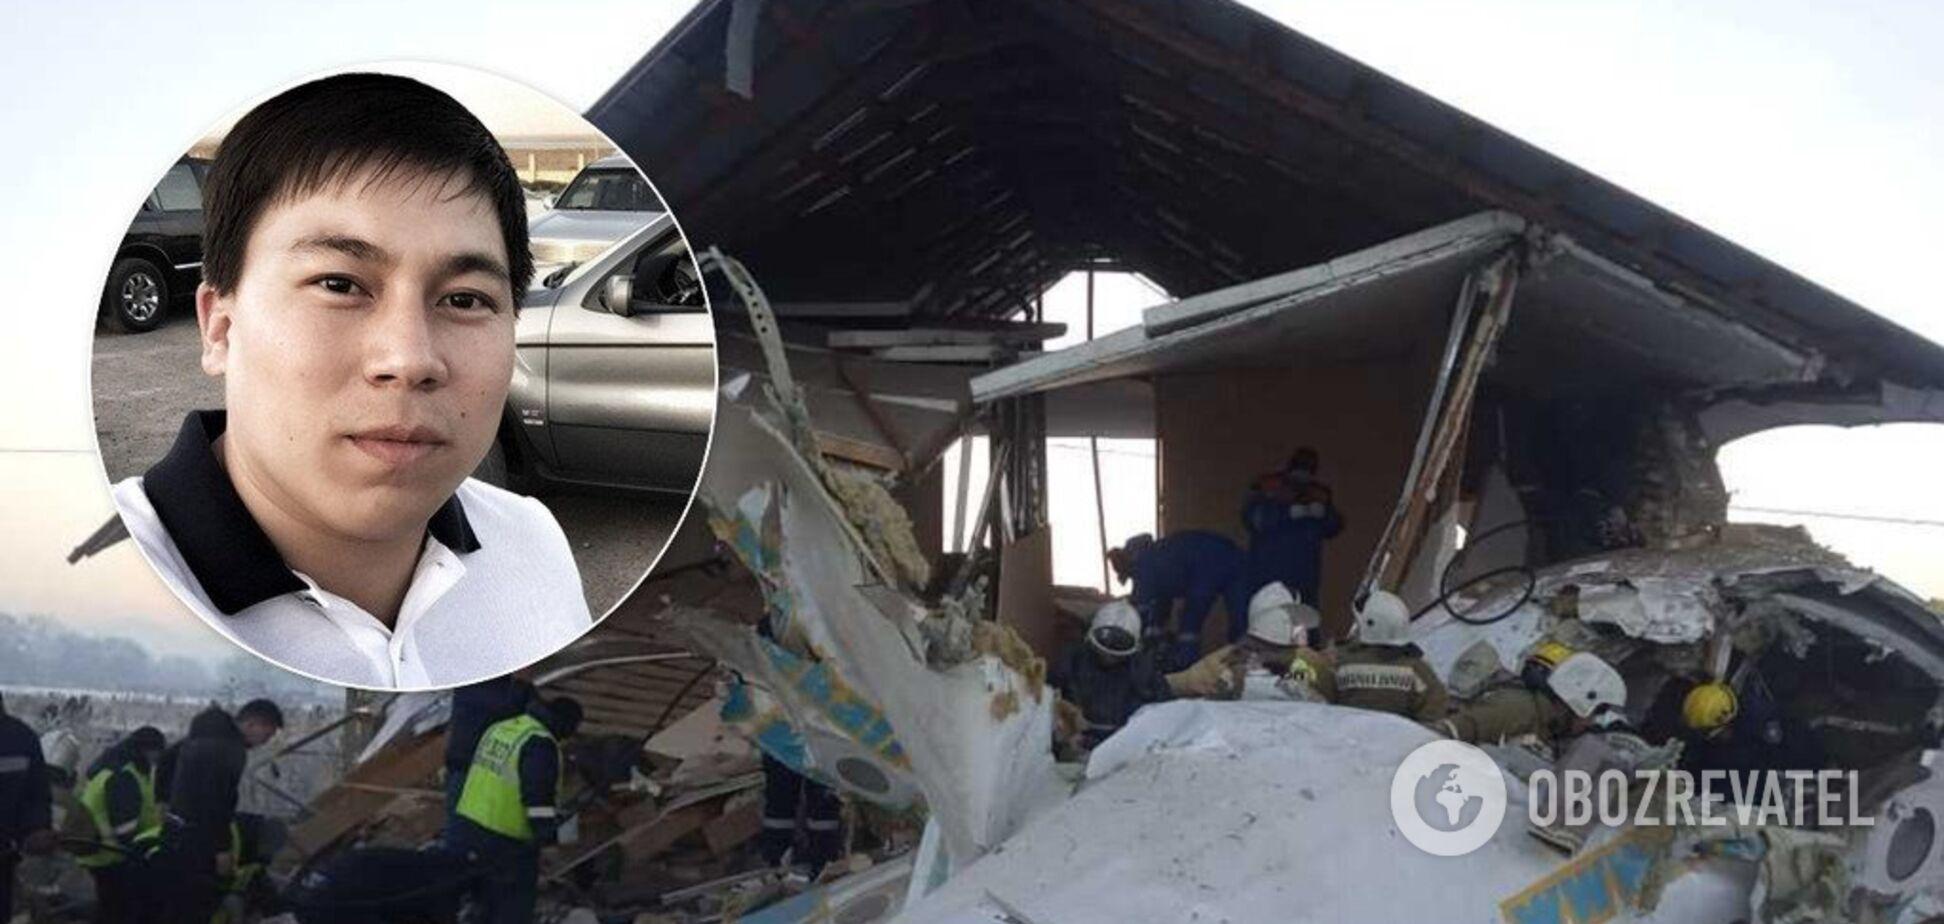 'Просто відключився!' Пасажир розповів, як дивом врятувався від авіакатастрофи в Казахстані